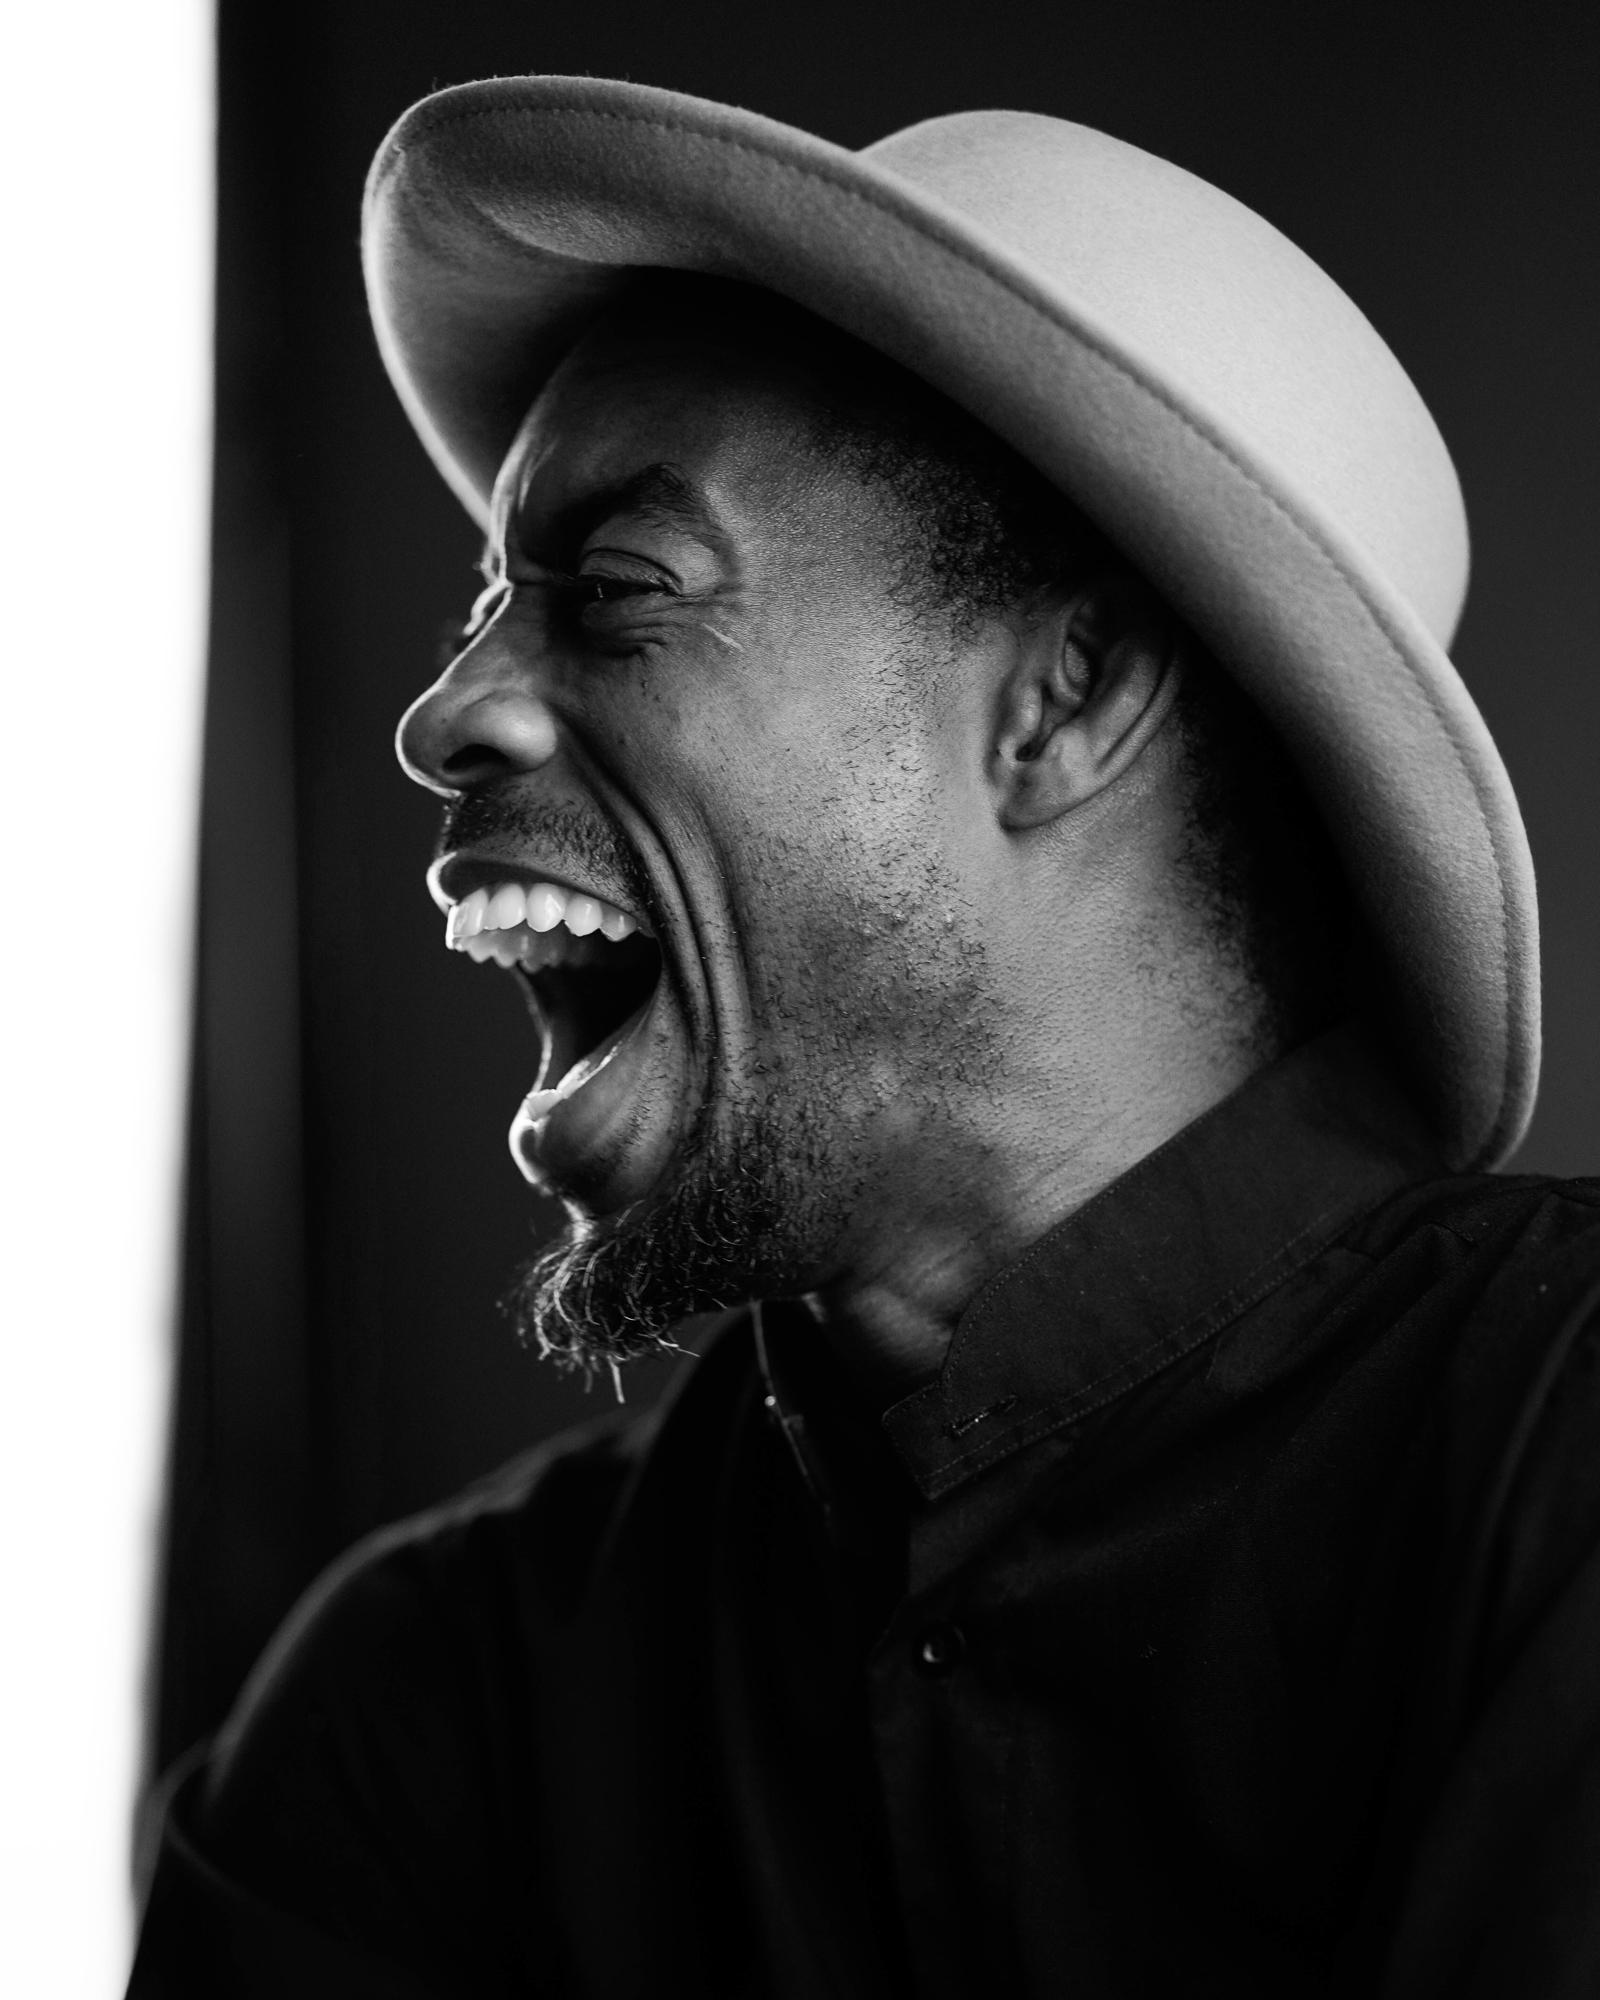 Ausdrucksstarke und emotionale Portraitfotos